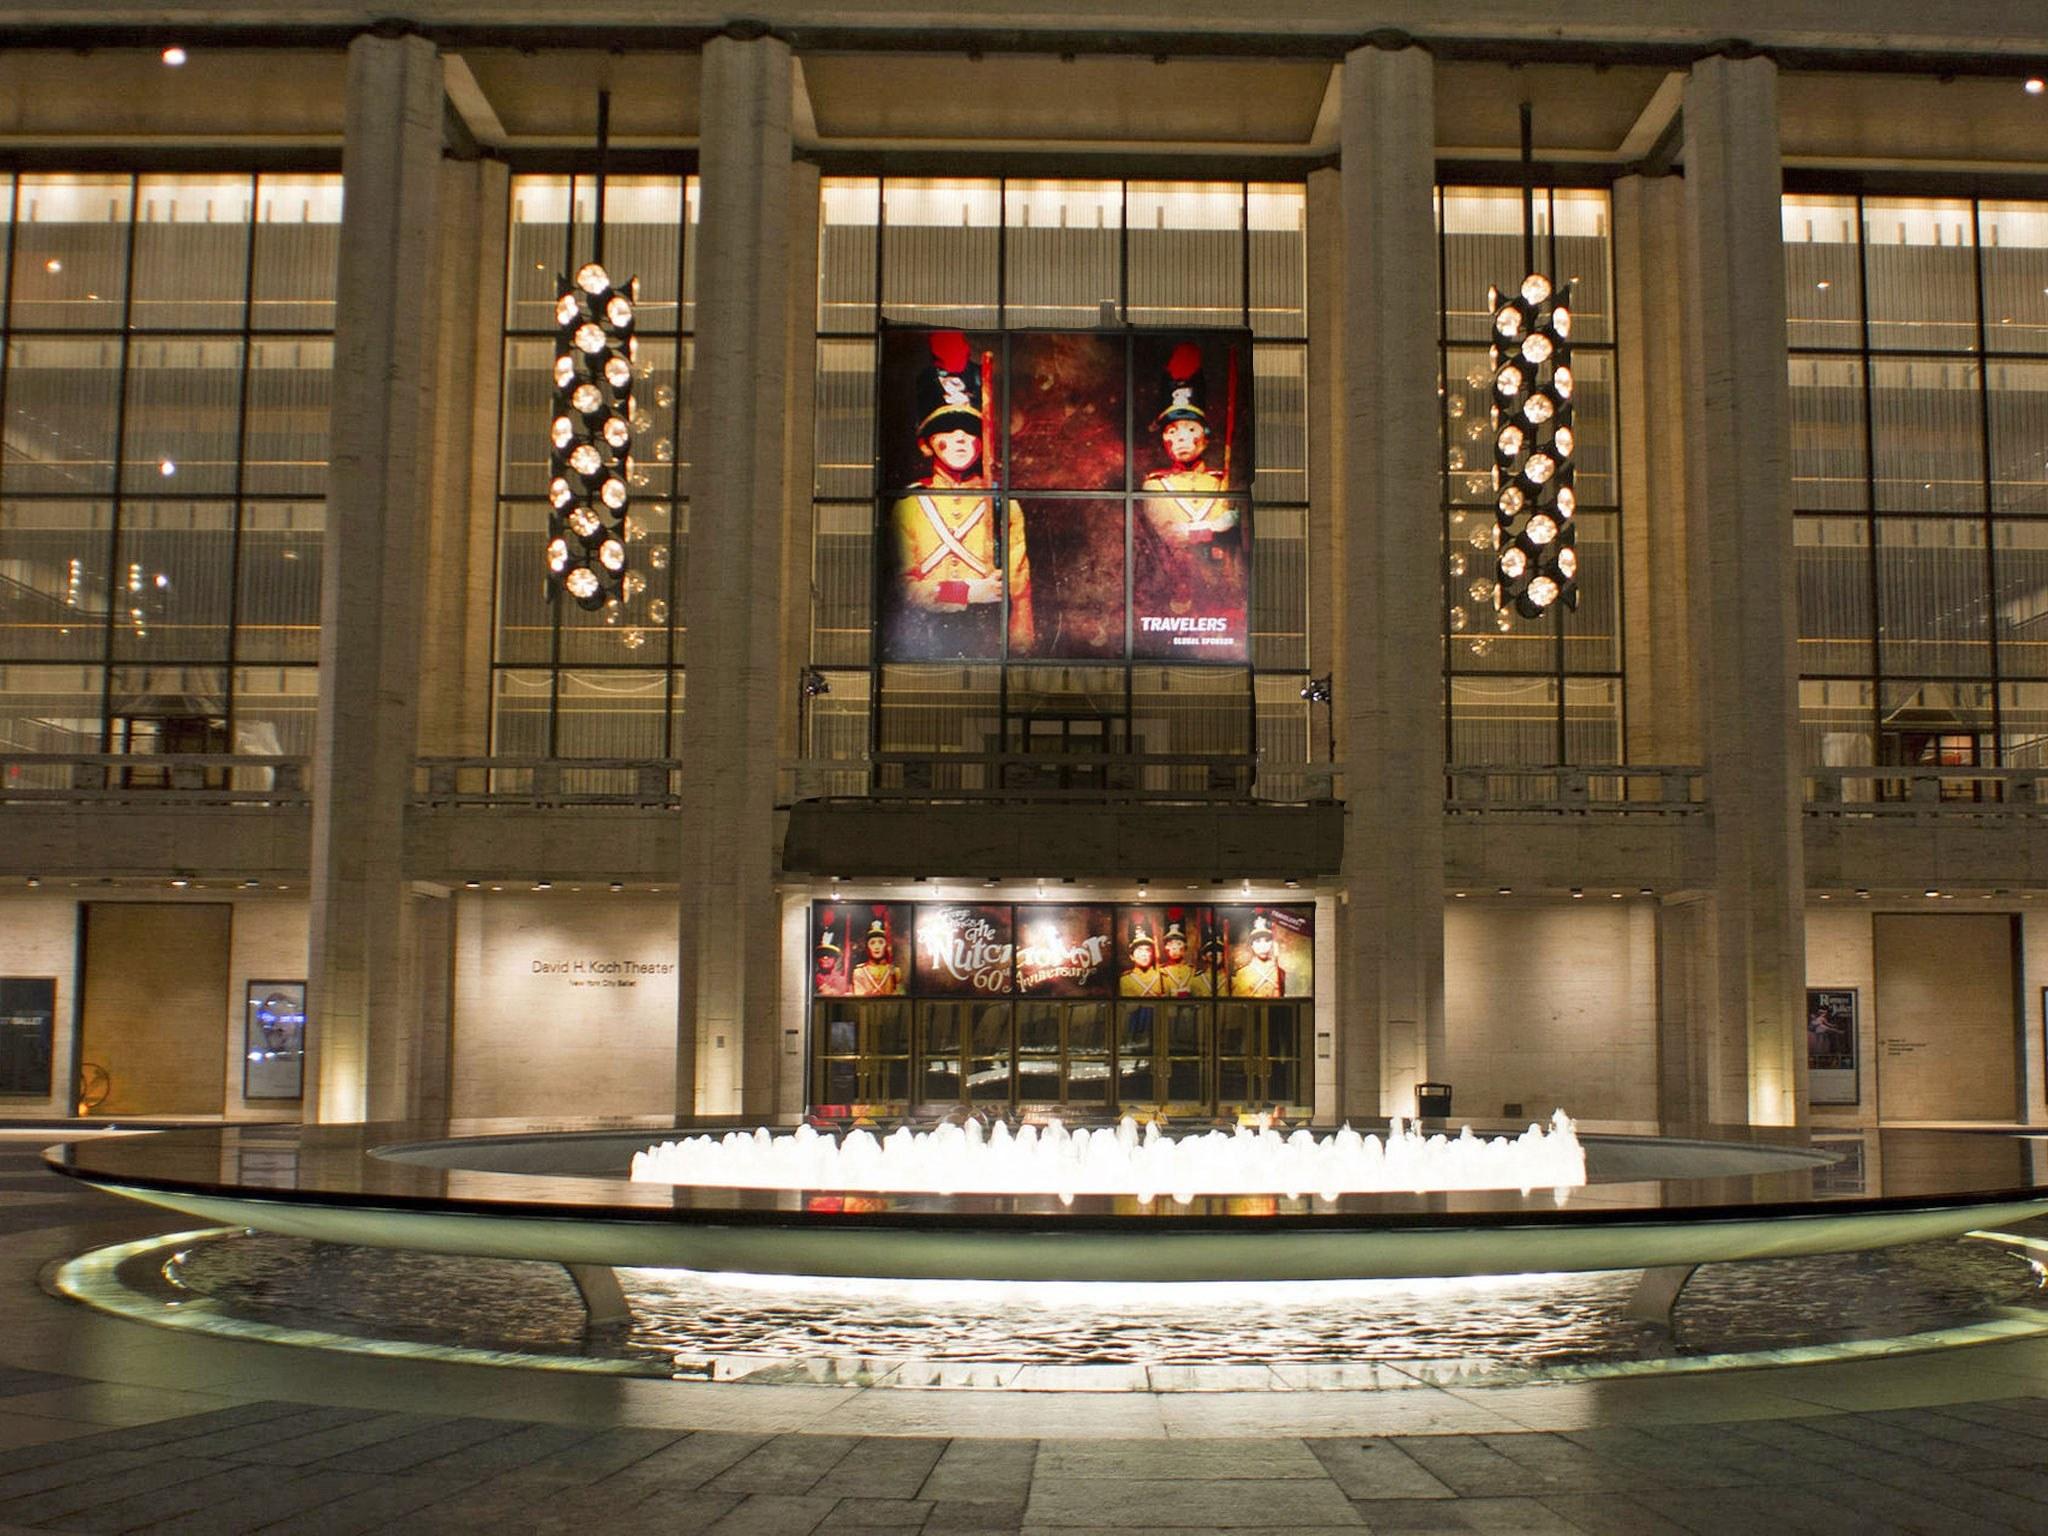 The Nutcracker Broadway The Lincoln Center Theatre Marquee